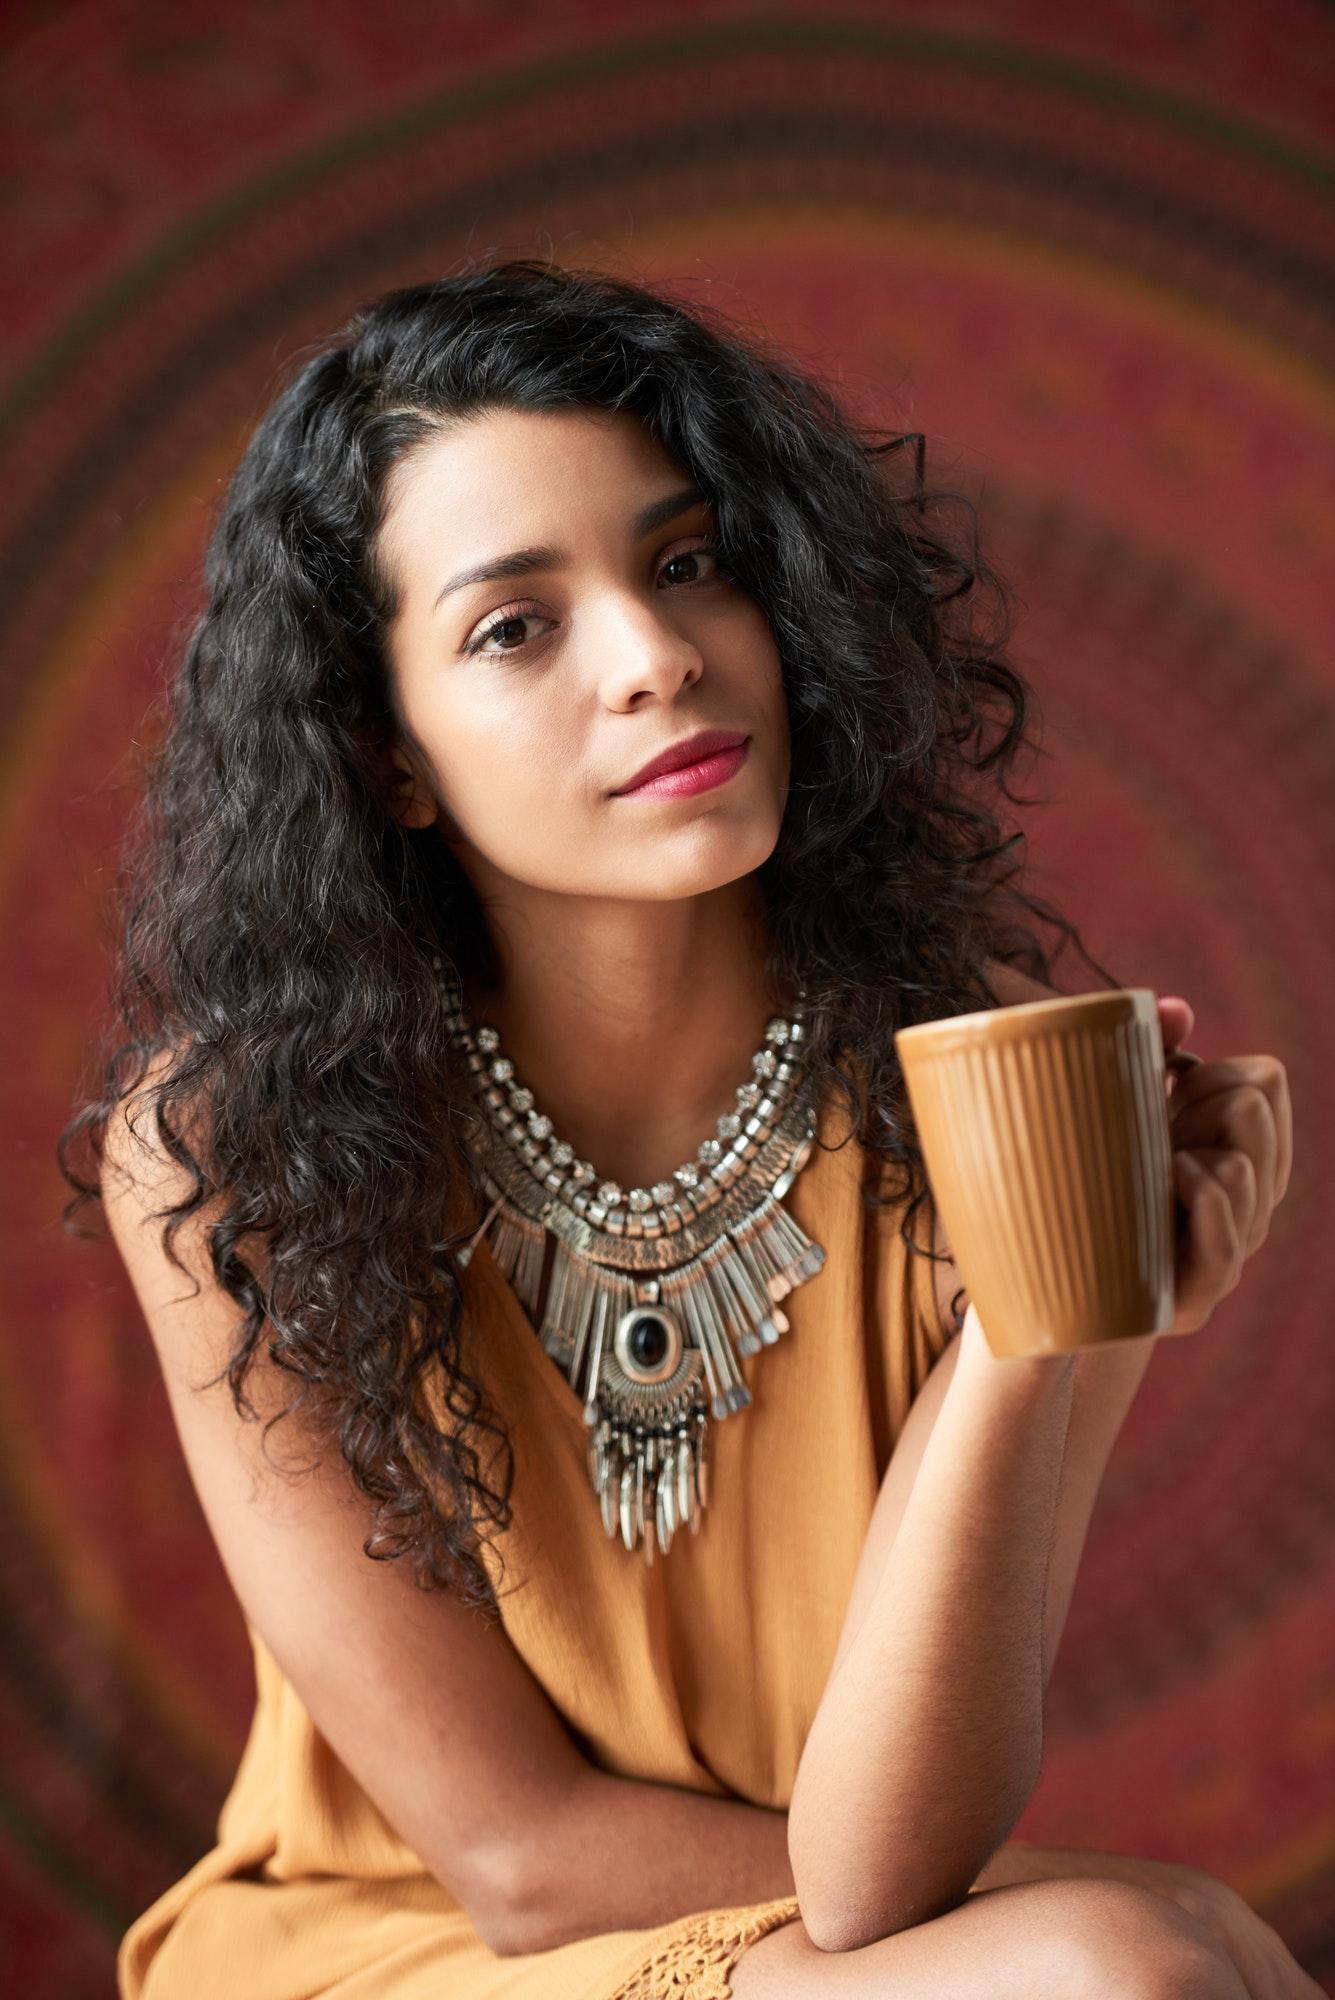 Beautful Hispanic woman